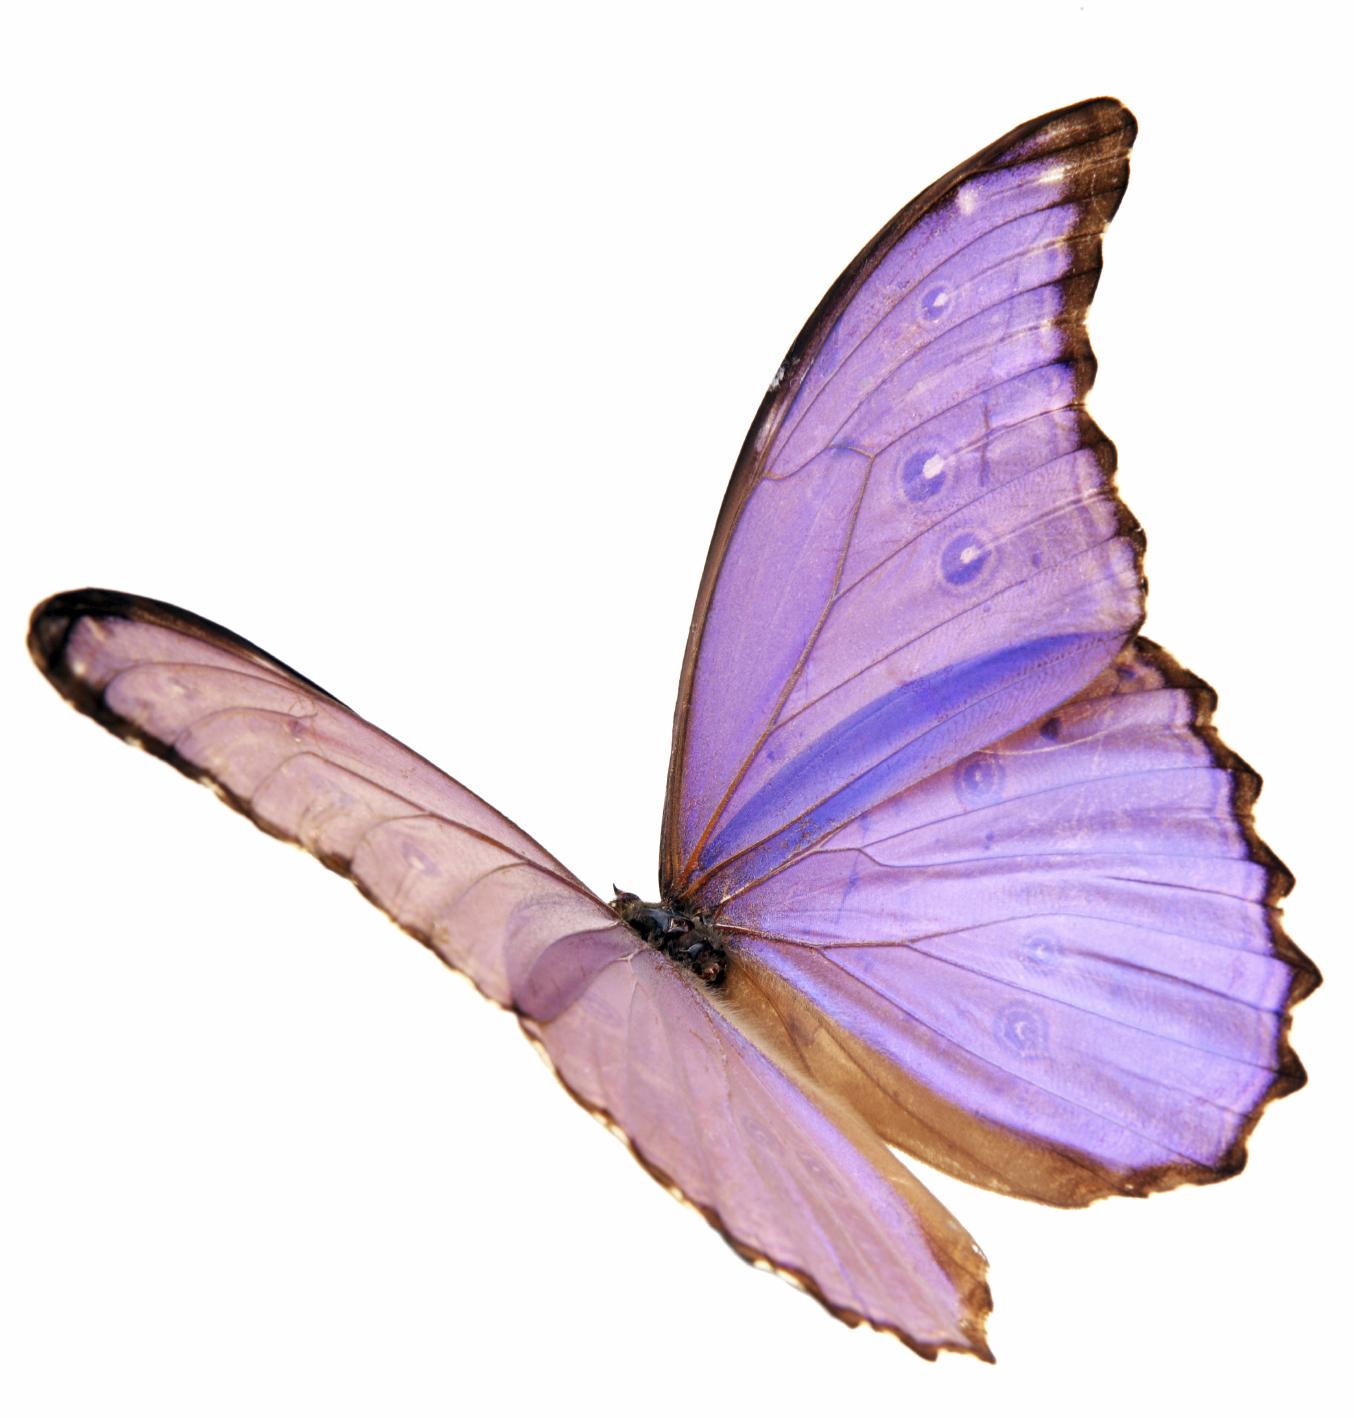 La leçon du papillon* - Islam Hadith Sunna: www.islamhadithsunna.com/la-lecon-du-papillon-a67874019